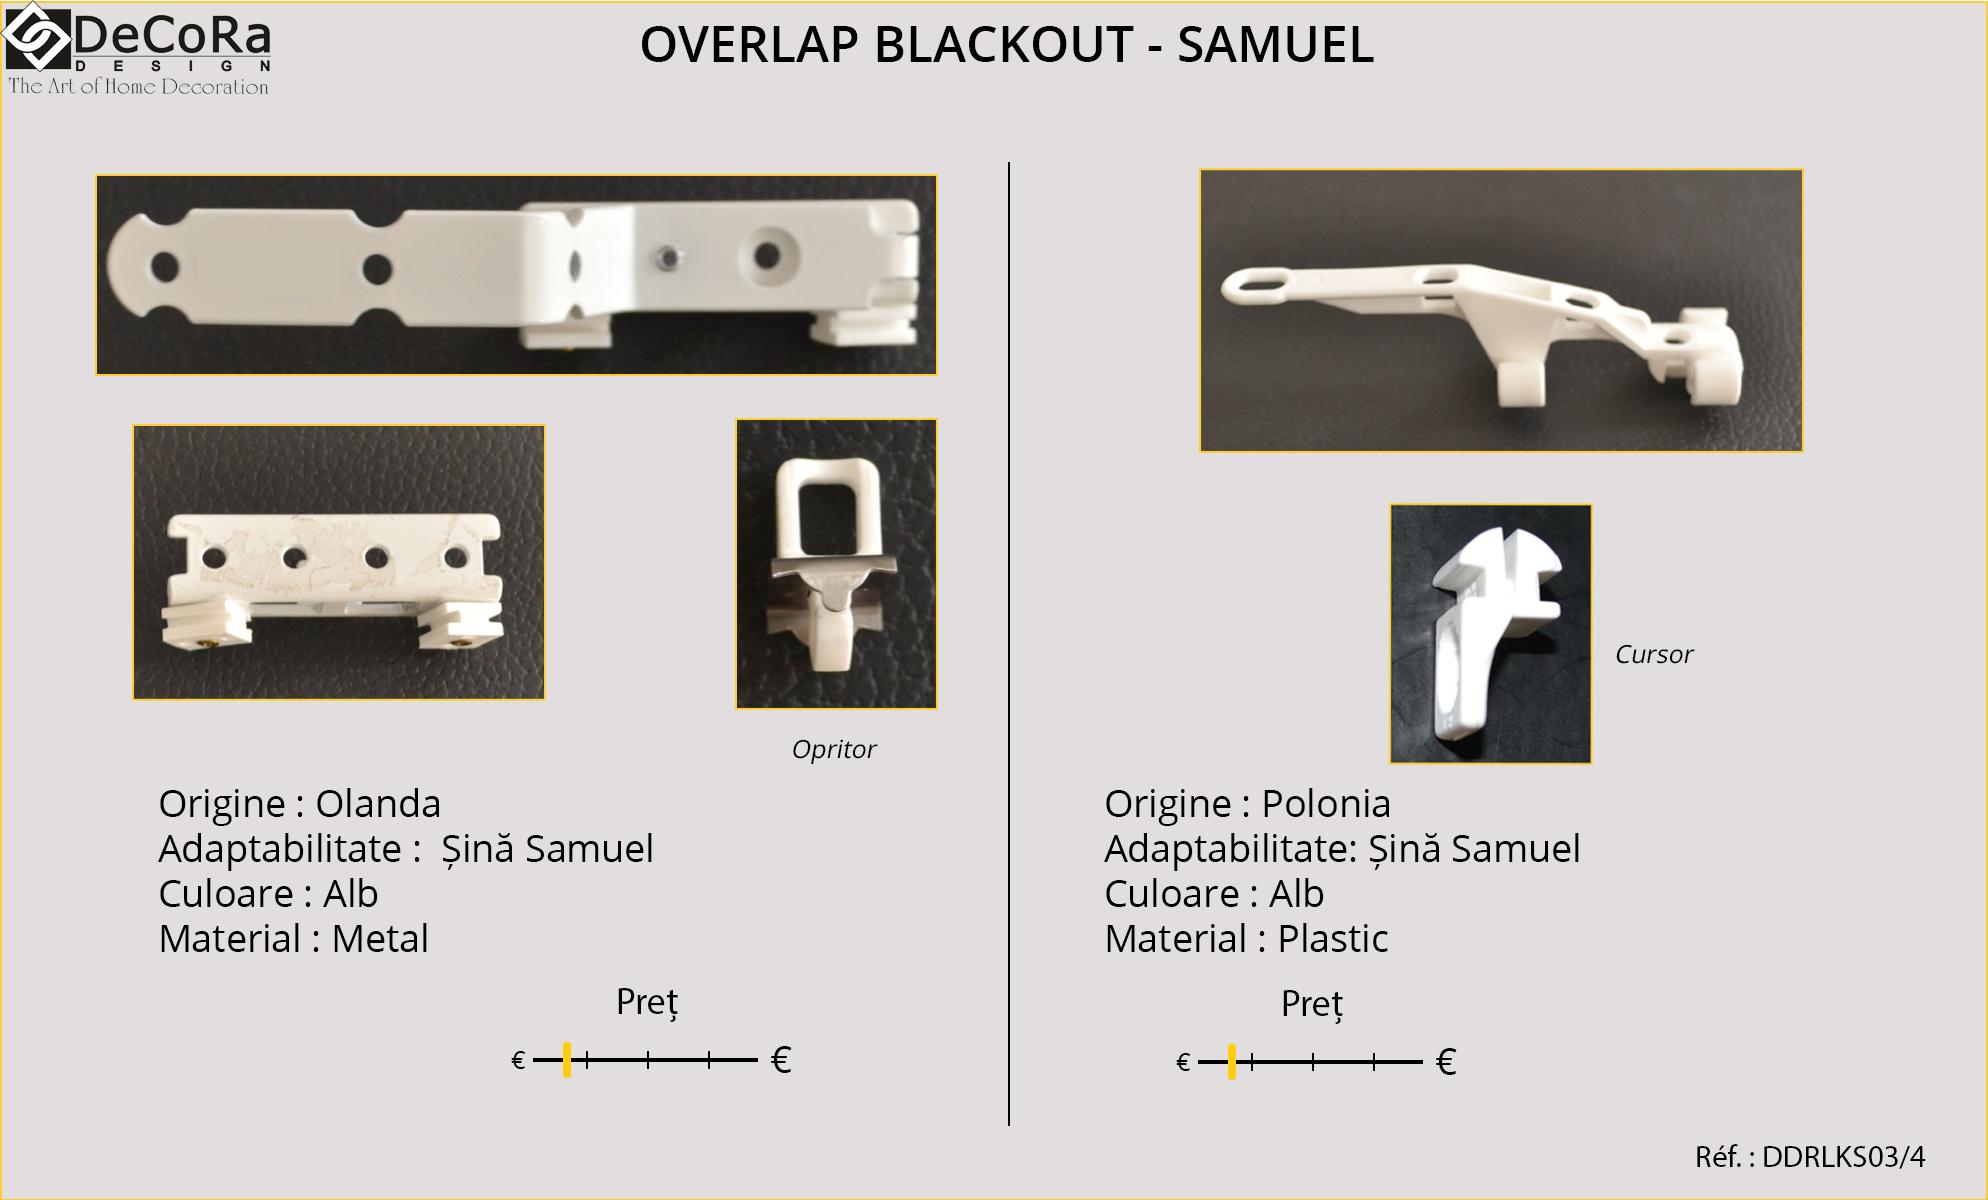 Suprapunere Blackout - SAMUEL, pentru sina SAMUEL, din Olanda si Polonia, din plastic si metal, culoare alba